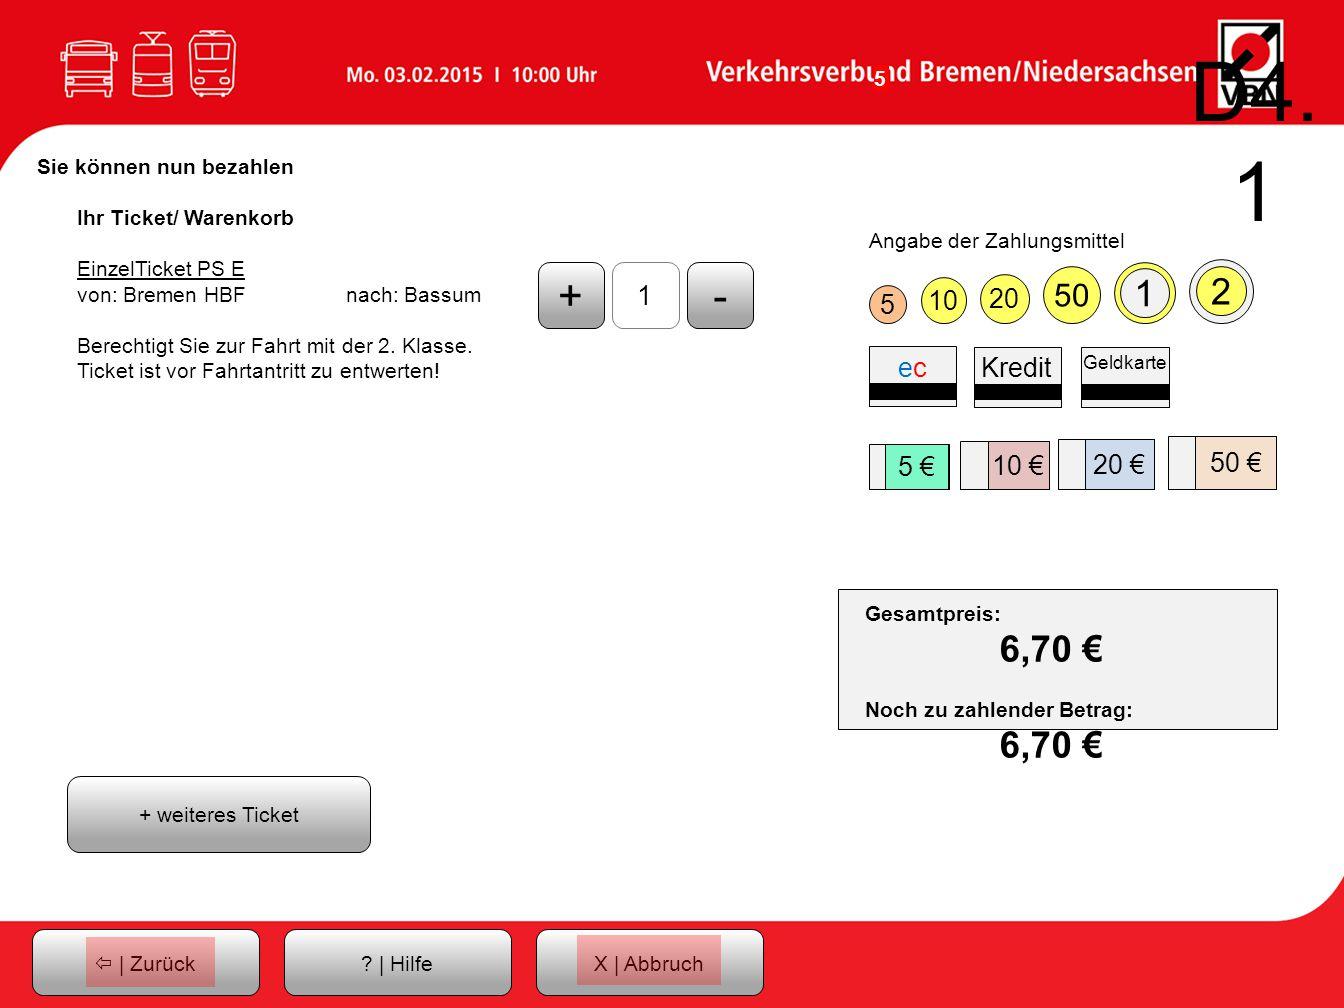 D4.1 Sie können nun bezahlen. Ihr Ticket/ Warenkorb. EinzelTicket PS E. von: Bremen HBF nach: Bassum.